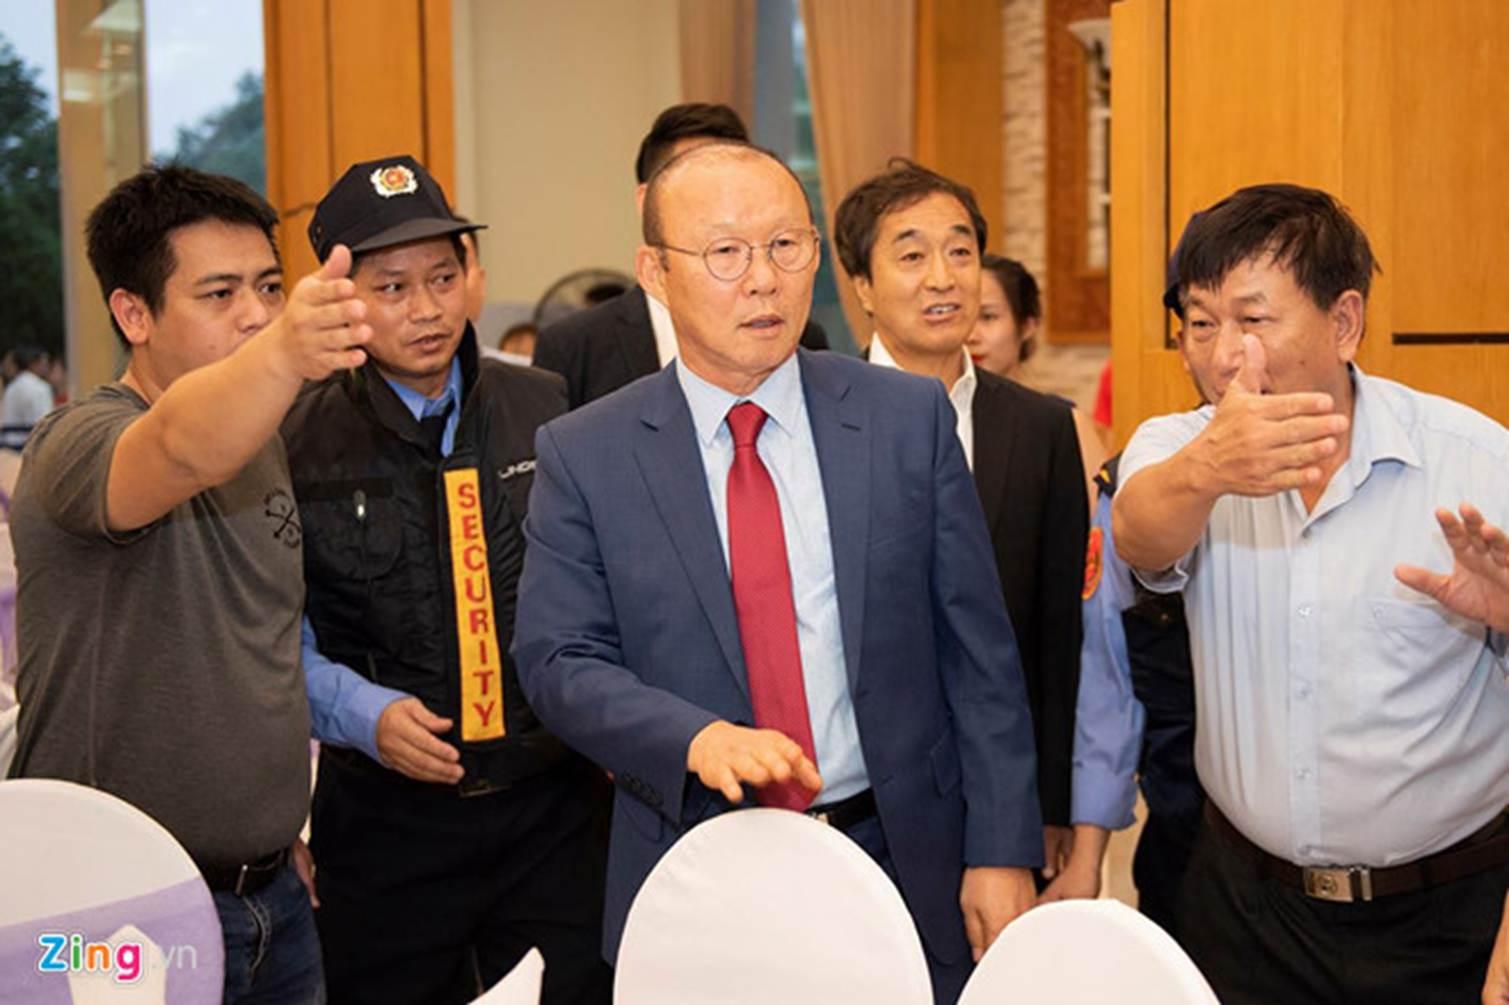 Thầy Park được 2 nhân viên bảo vệ theo sát tại lễ cưới Đỗ Hùng Dũng-4